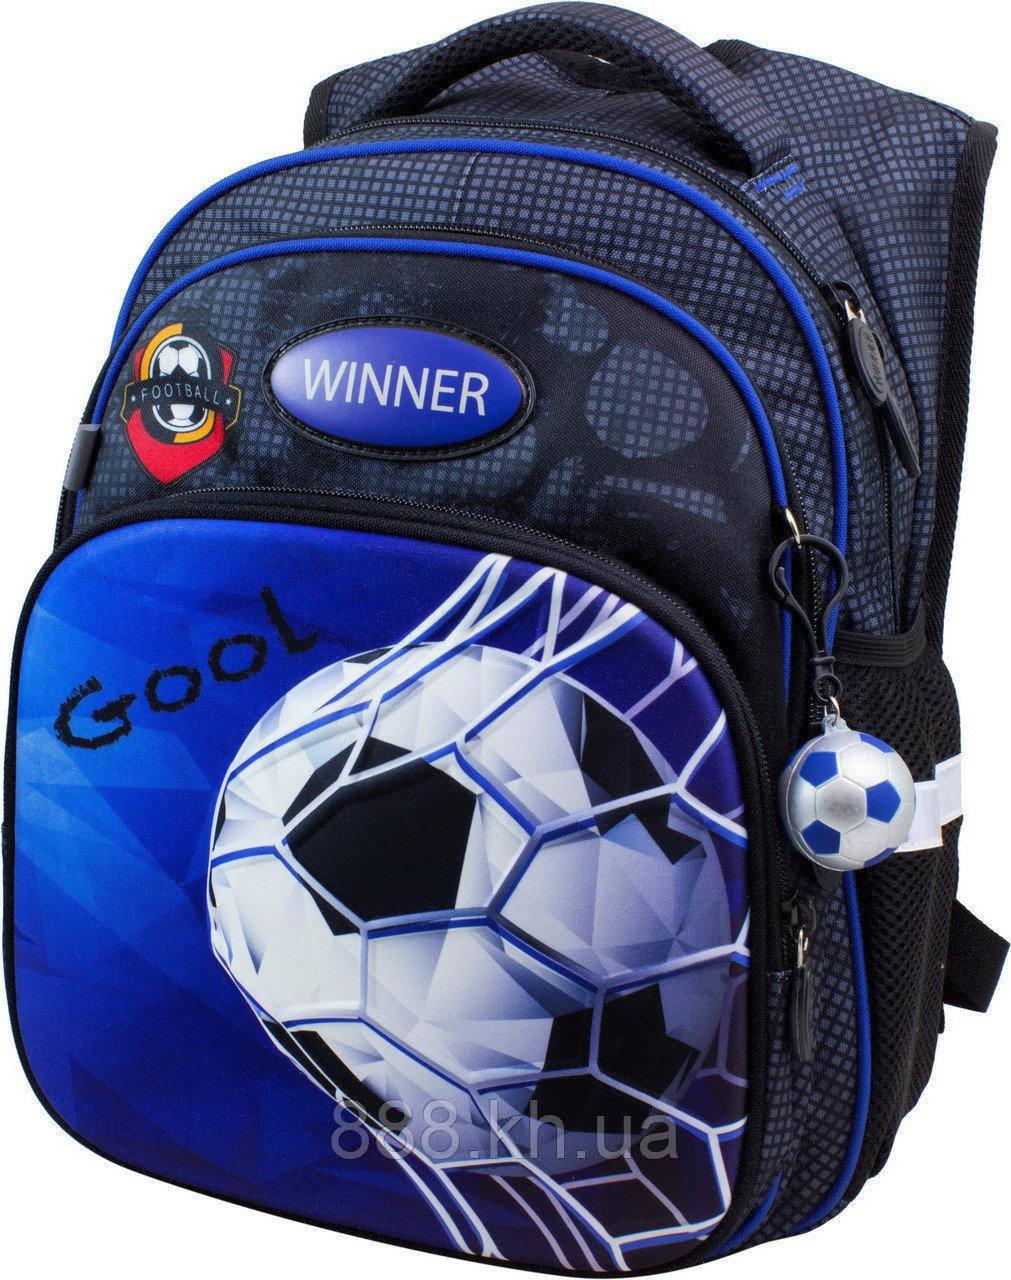 Школьный портфель с дышащей спинкой winner, рюкзак ортопедический, портфель с объемным рисунком гол